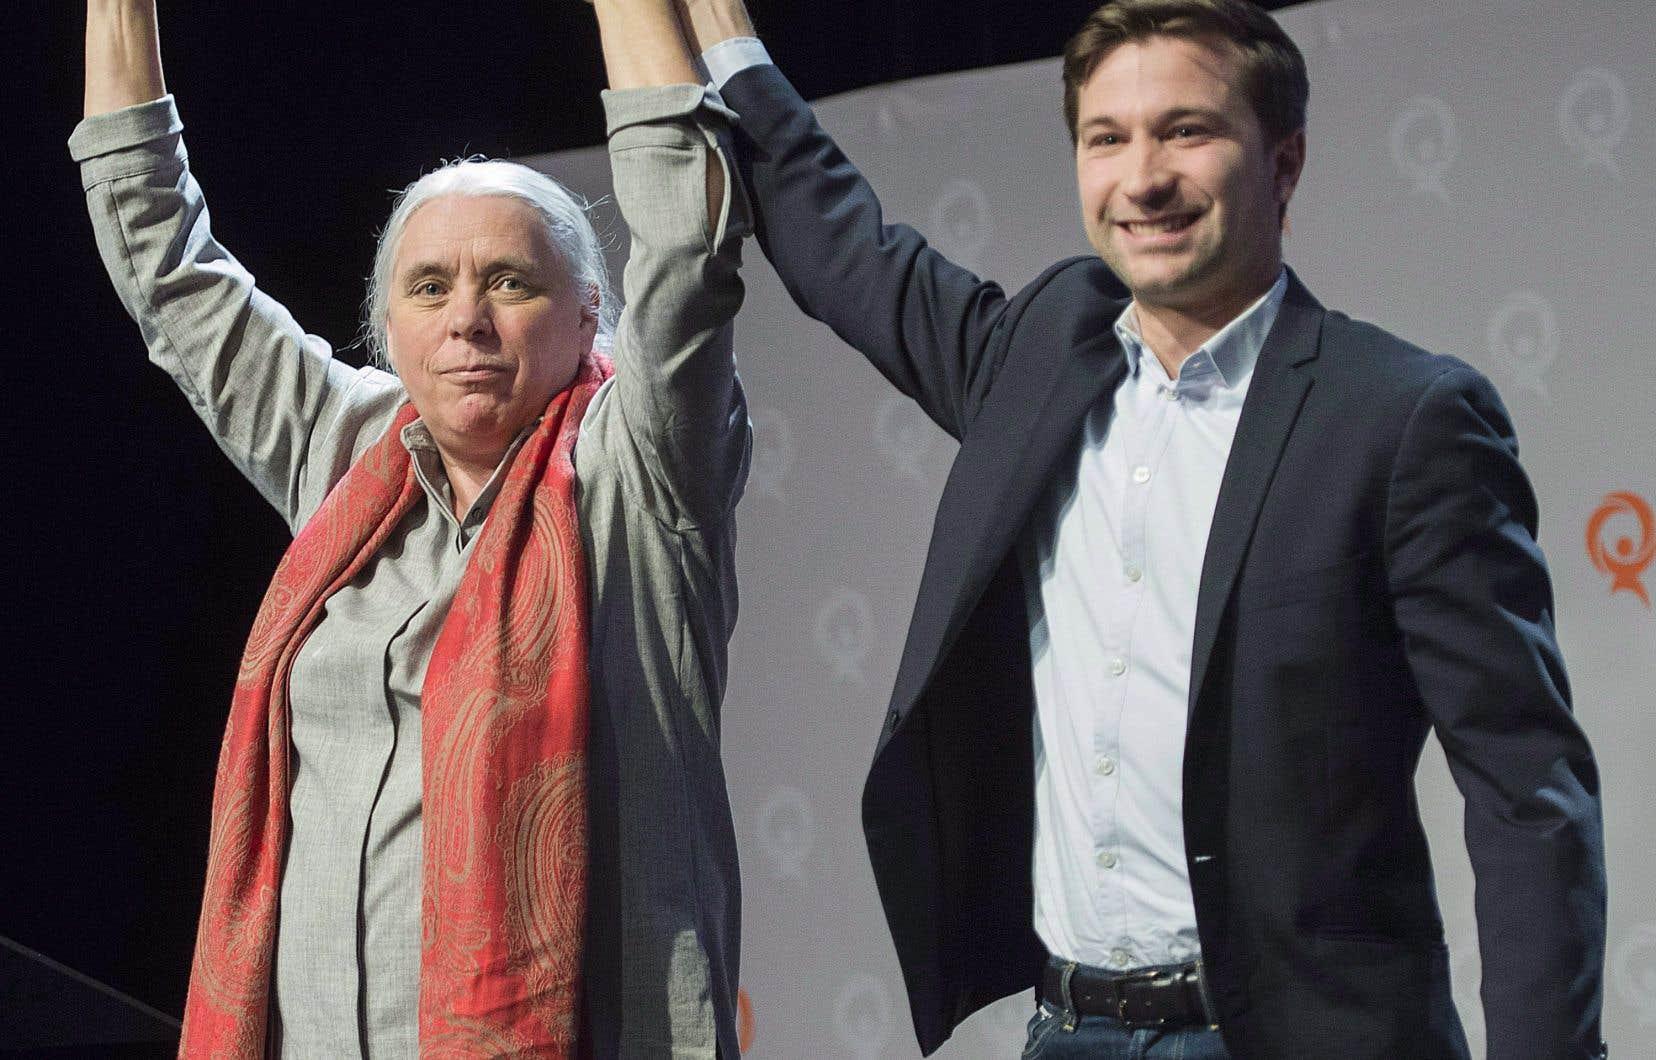 Québec solidaire a damé le pion au Parti québécois en devenant la deuxième opposition. On voit ici les co-porte-parole Manon Massé et Gabriel Nadeau-Dubois, photographiés lors du conseil national de leur parti en décembre dernier.